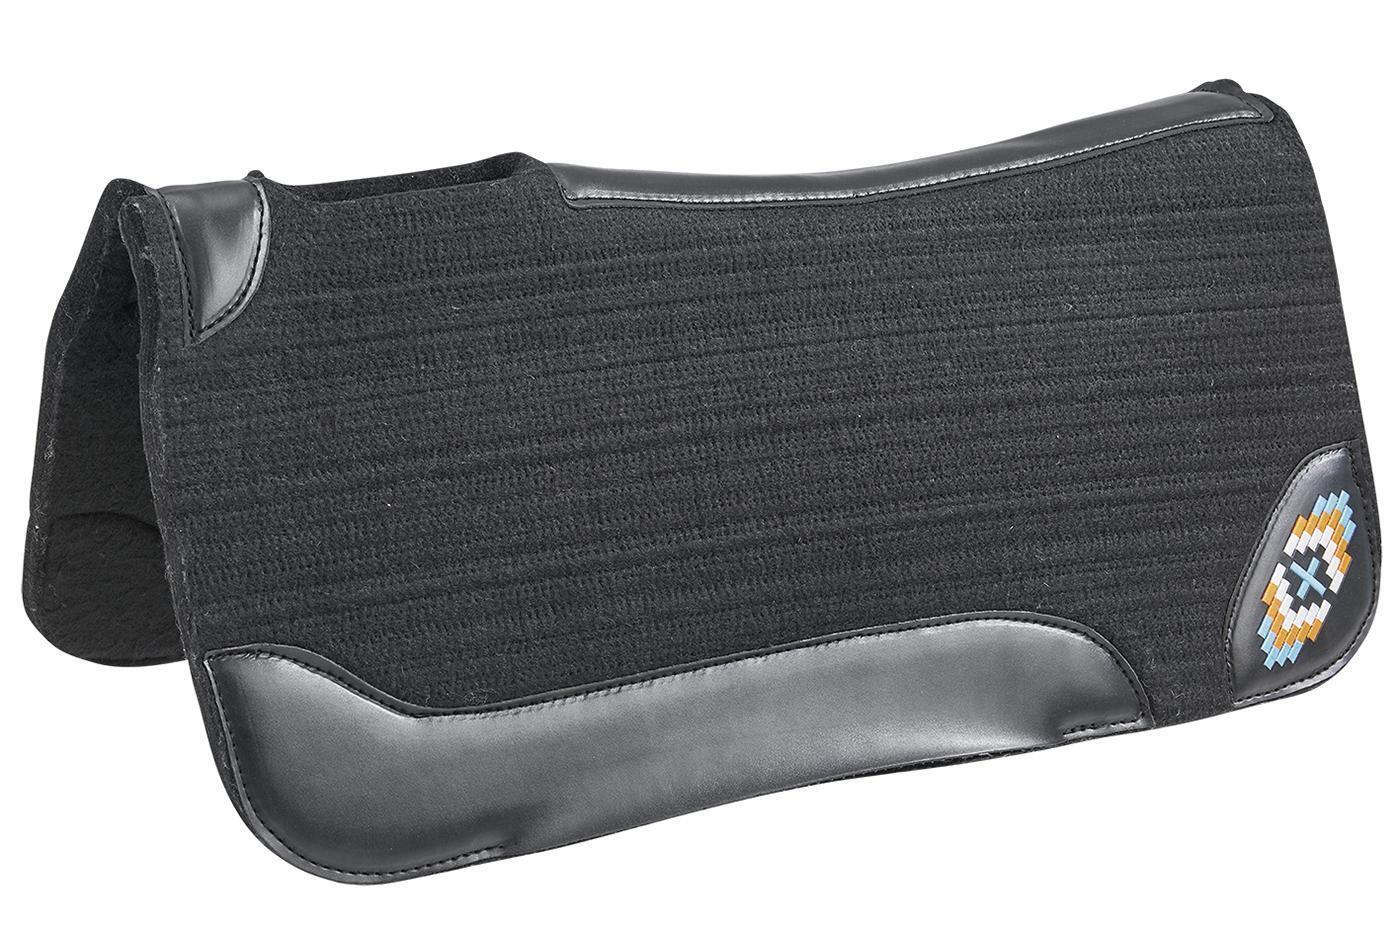 Wild cuerno Western  pad Aztec filzpad arte ribete de piel con aplicación 31x32 78x80  costo real